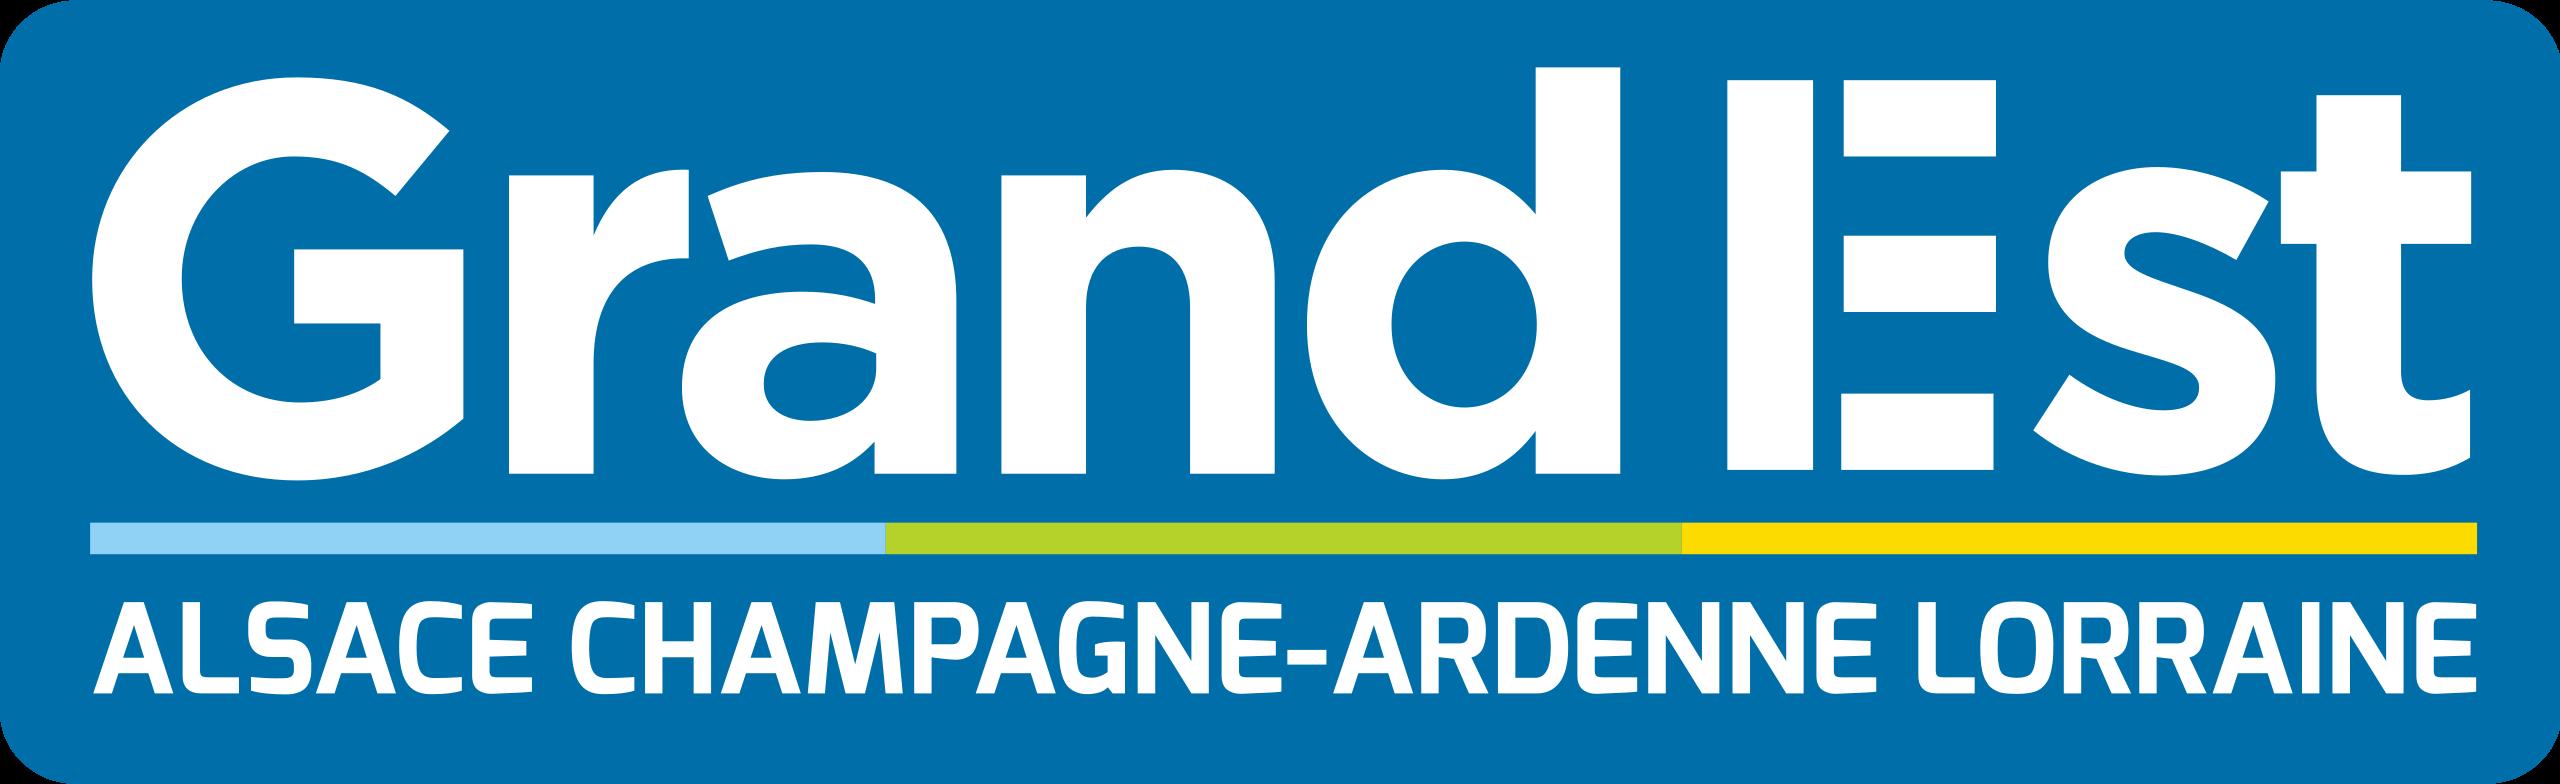 Гранд-Эст